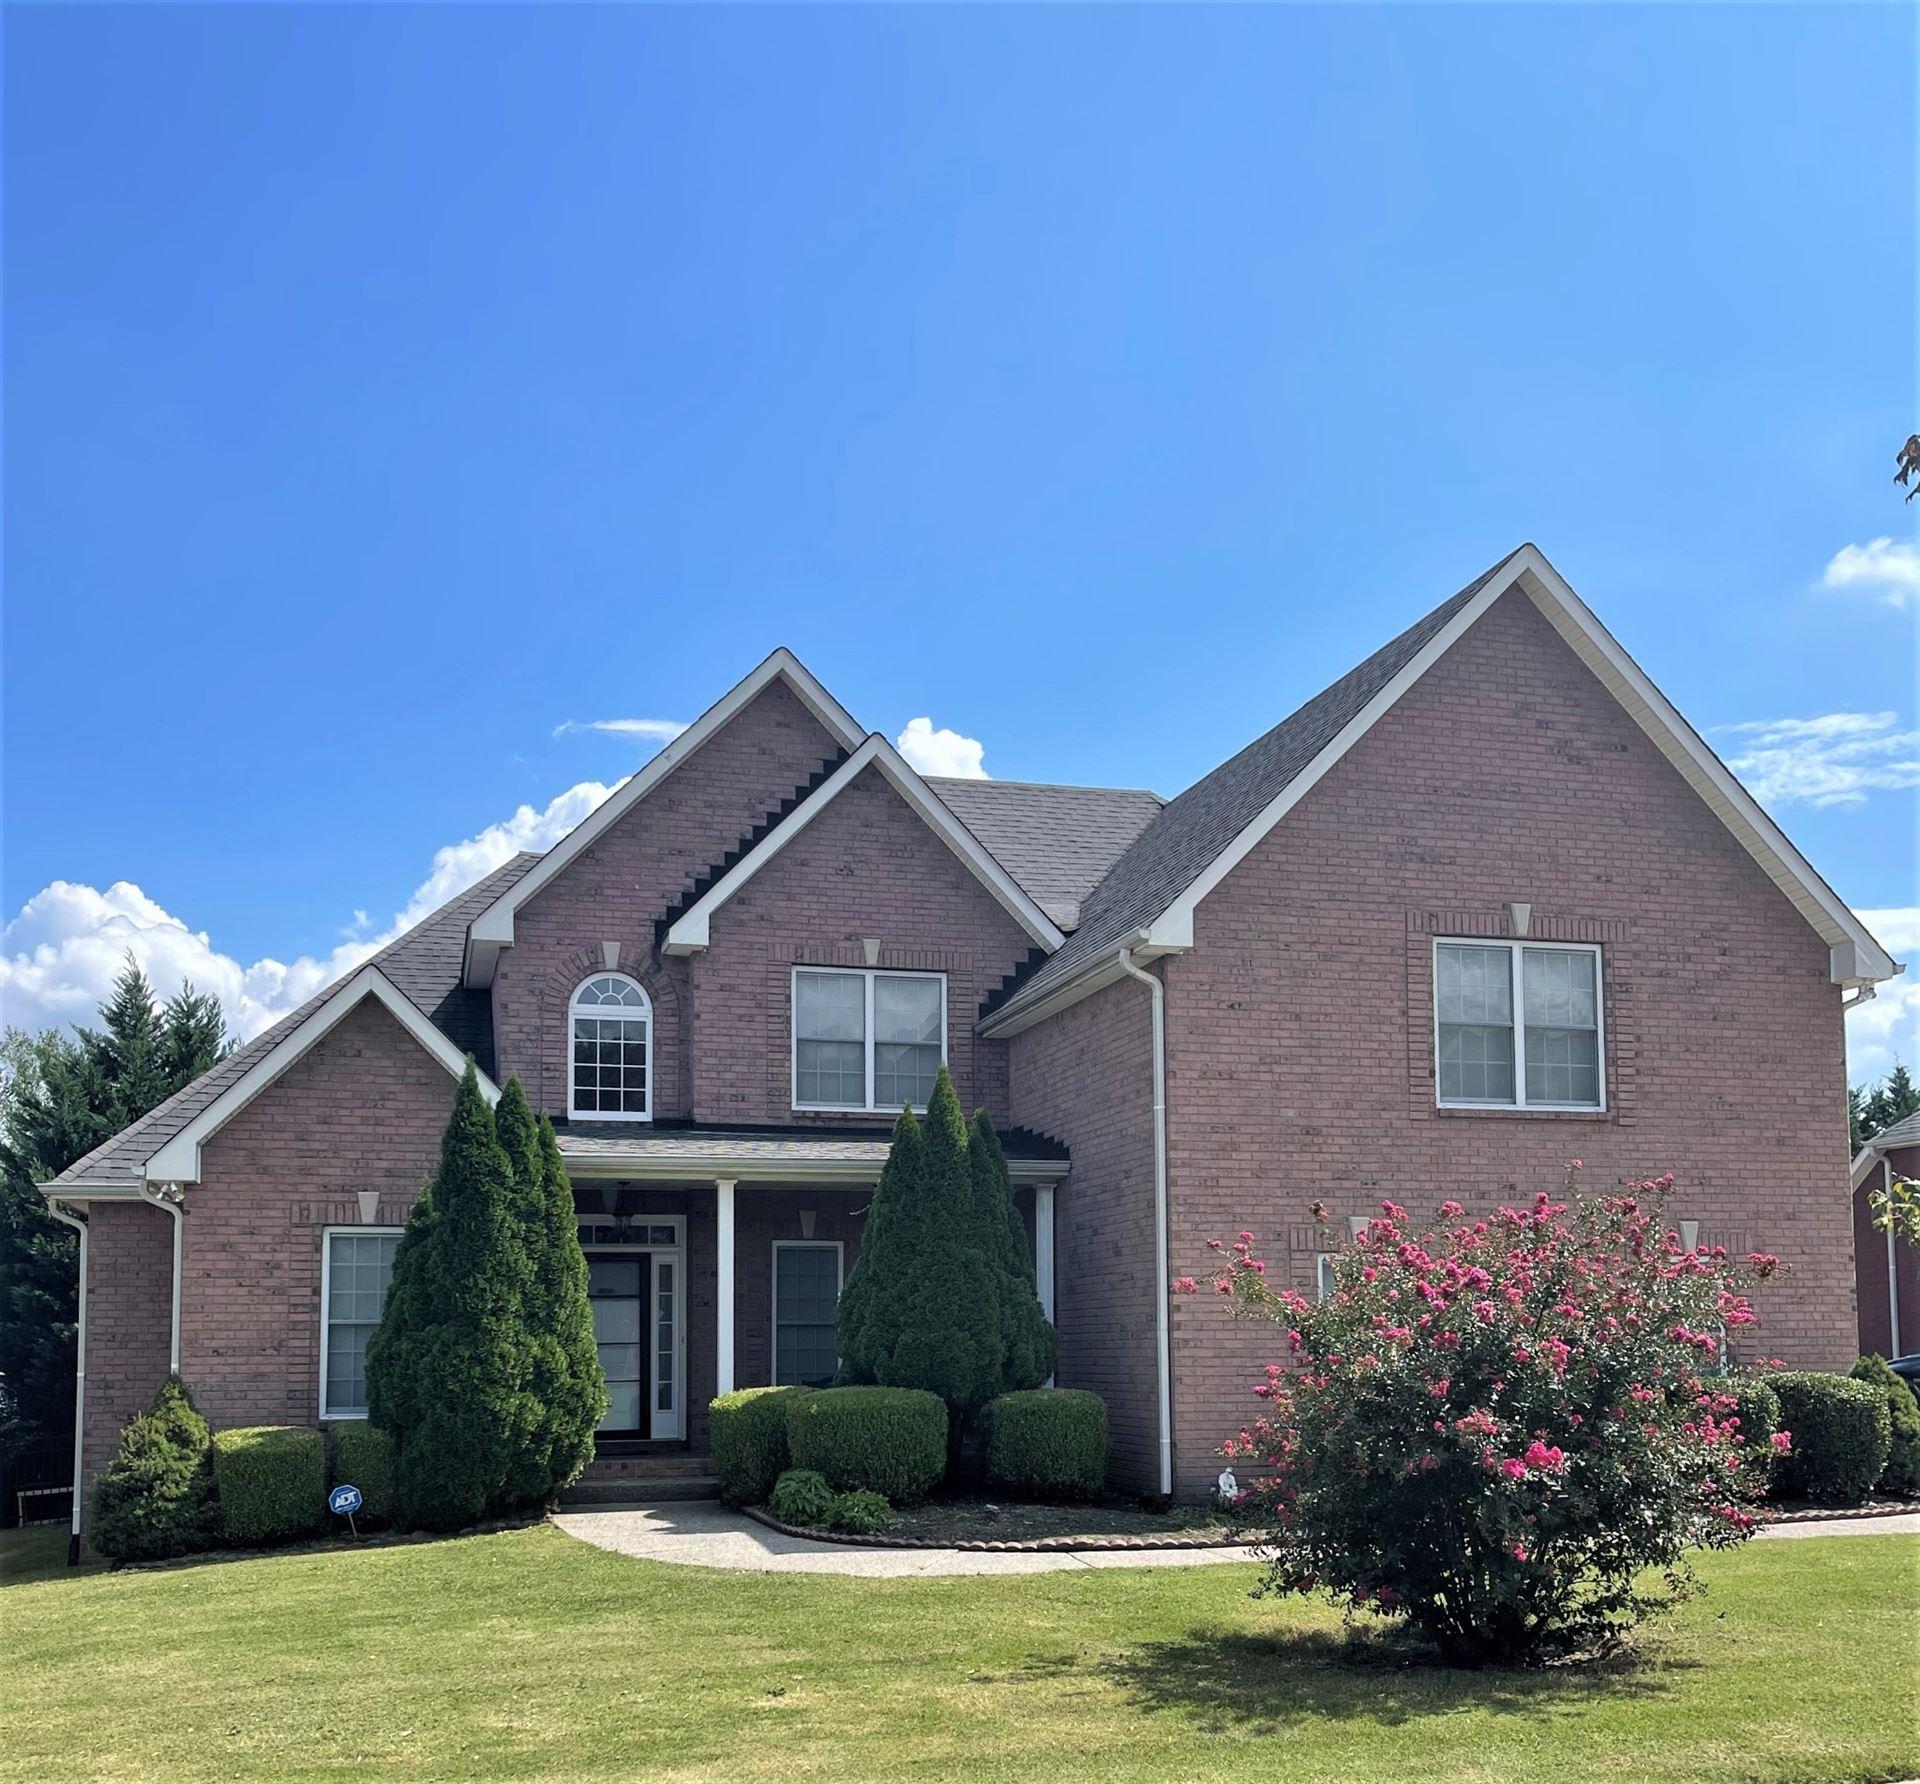 108 Brierfield Way, Hendersonville, TN 37075 - MLS#: 2291007